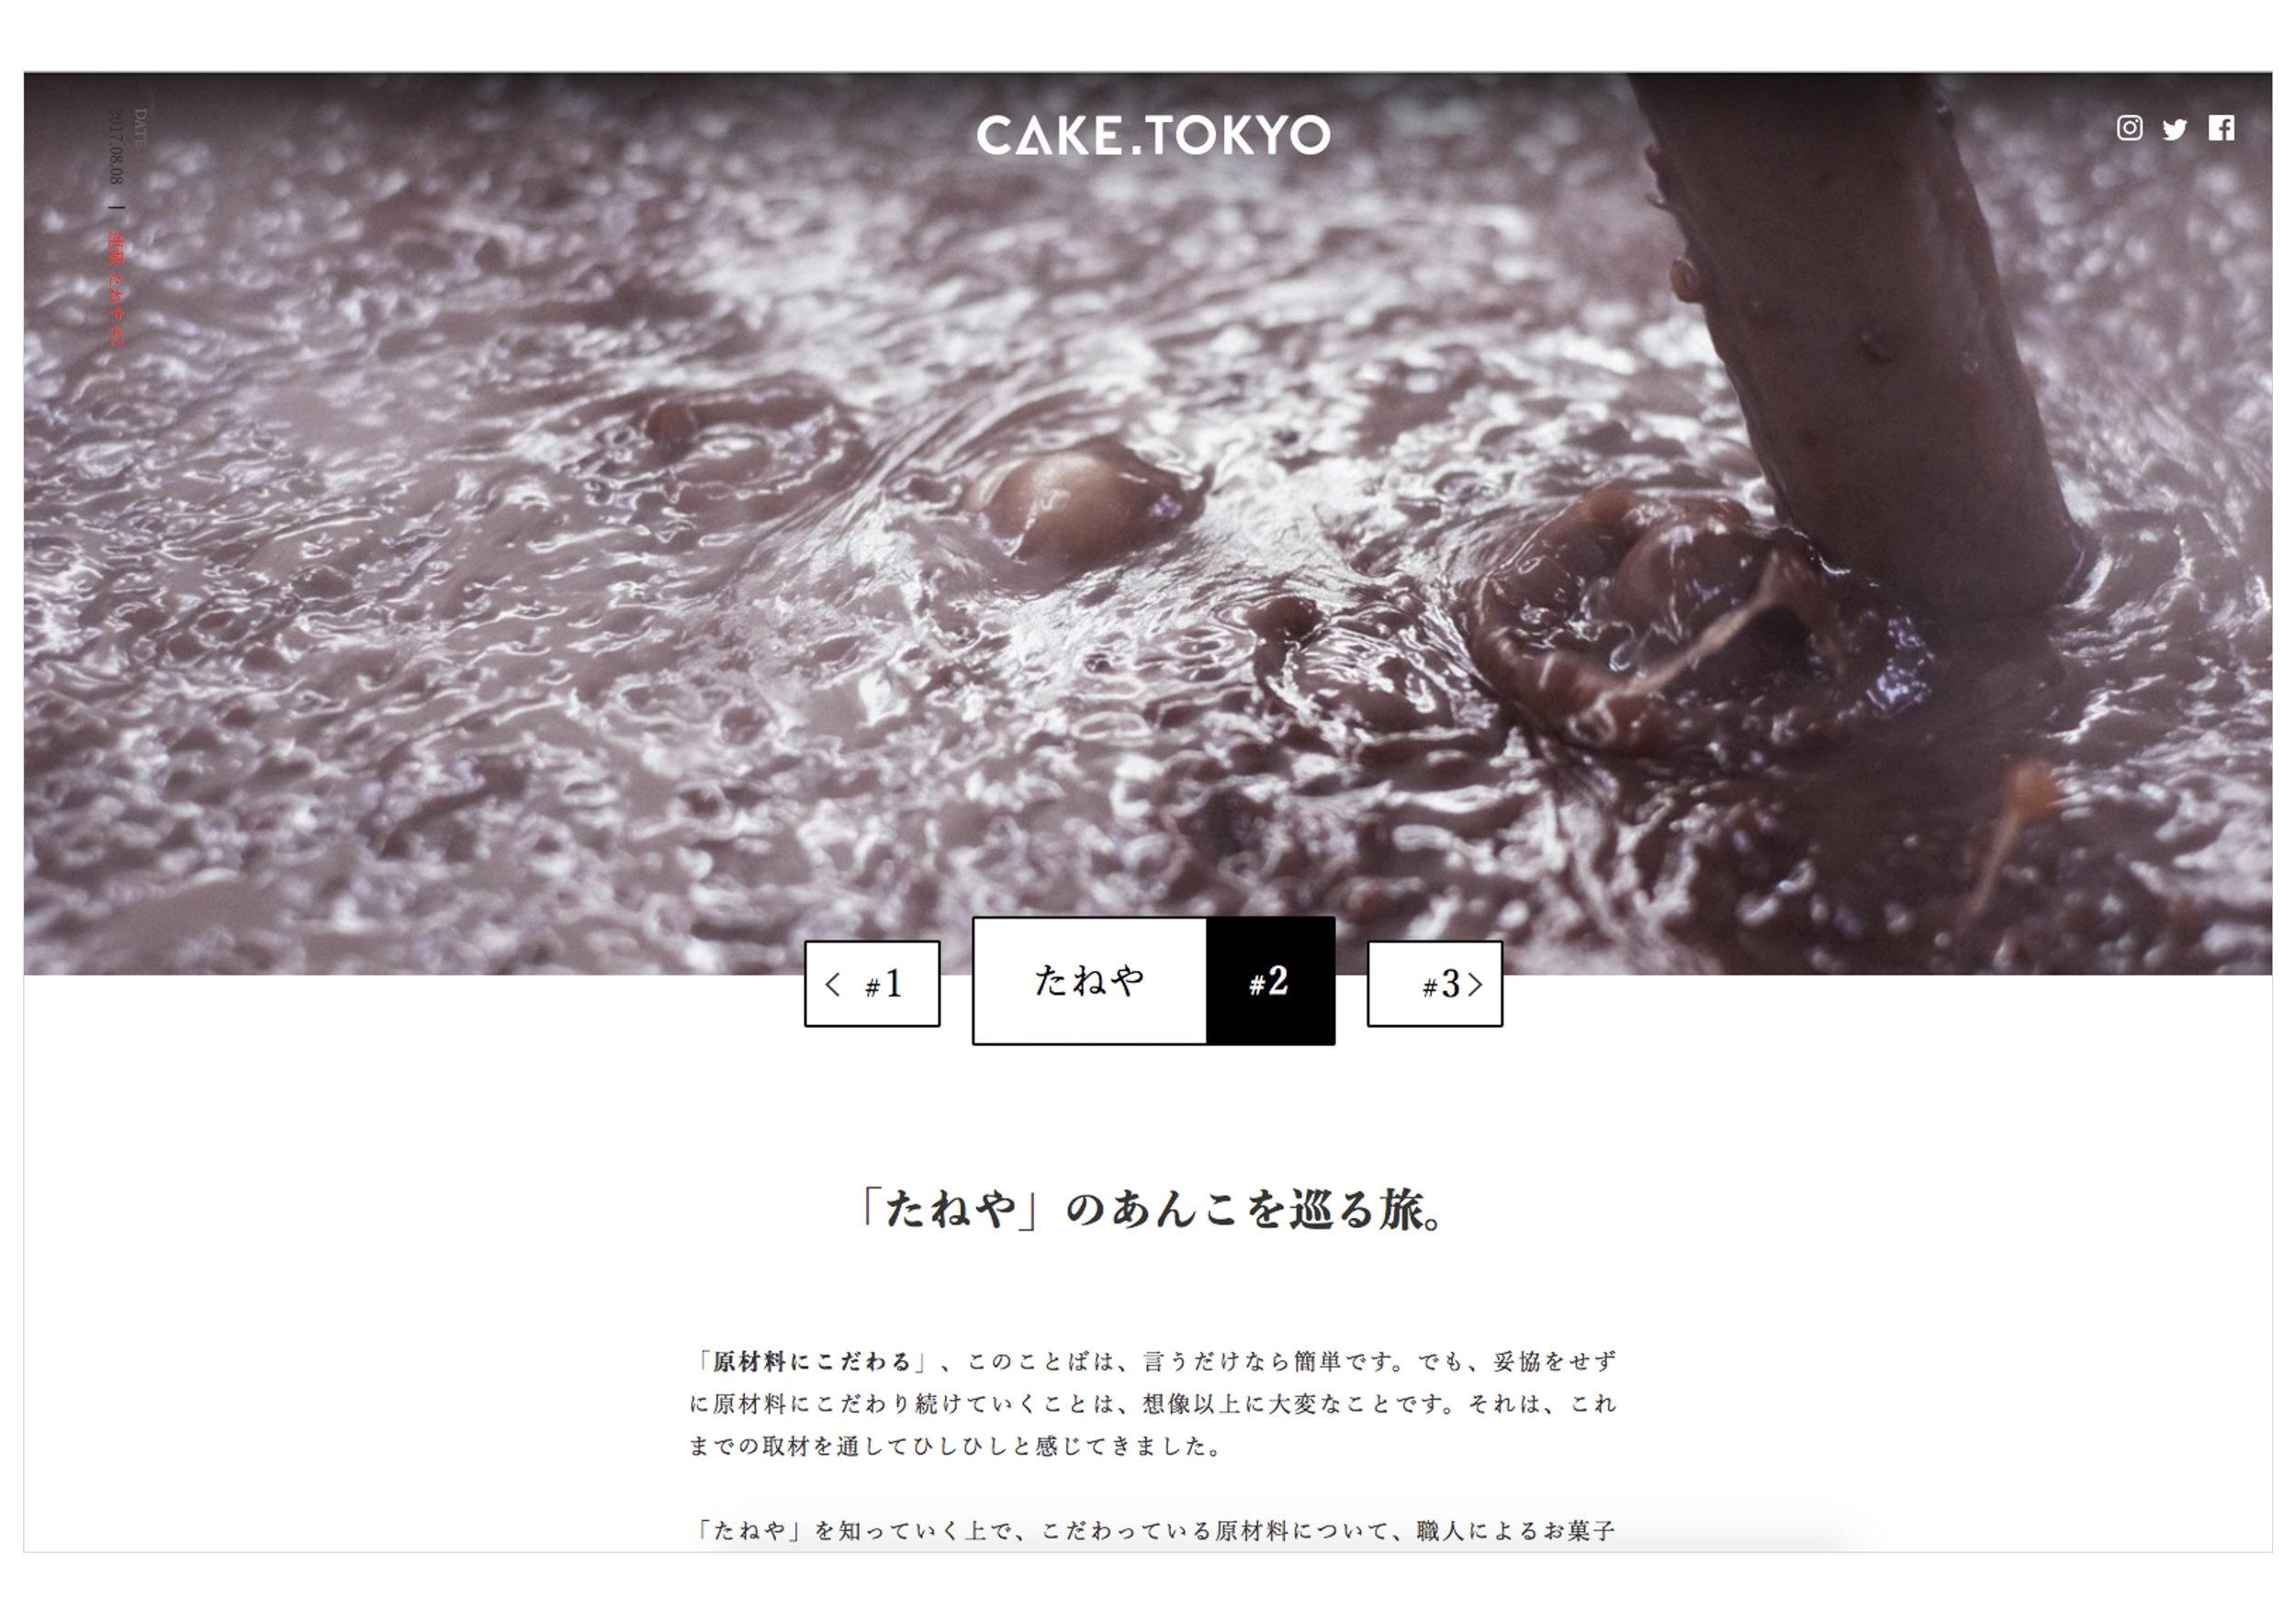 連載「たねや」CAKE.TOKYO   https://cake.tokyo/featured/taneya